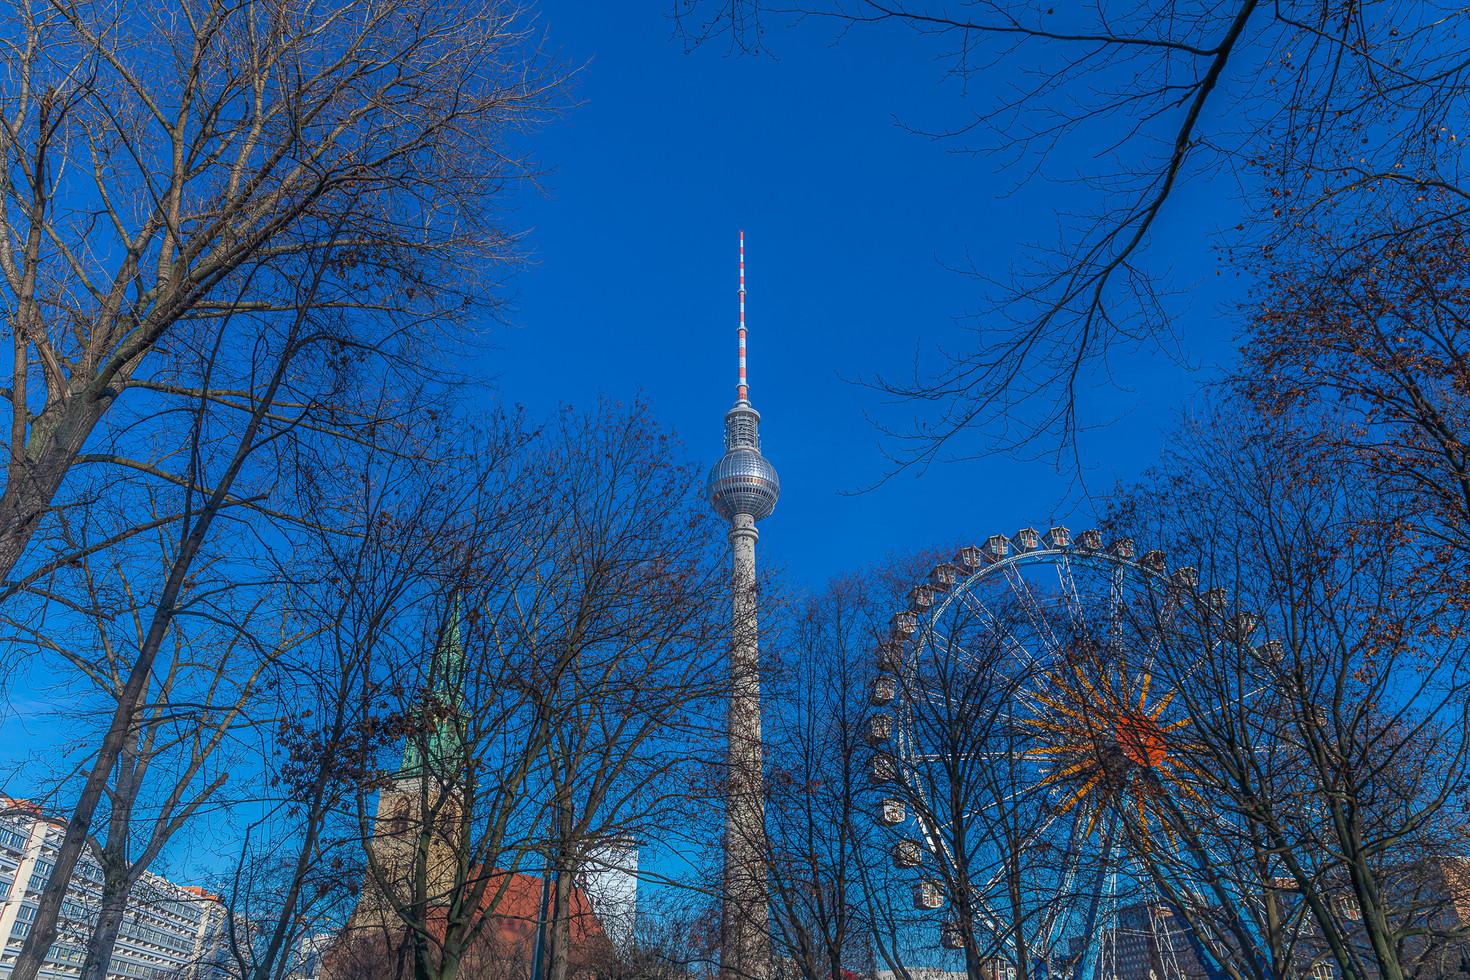 TKPA-Berlin201912-0138-HDWH.jpg